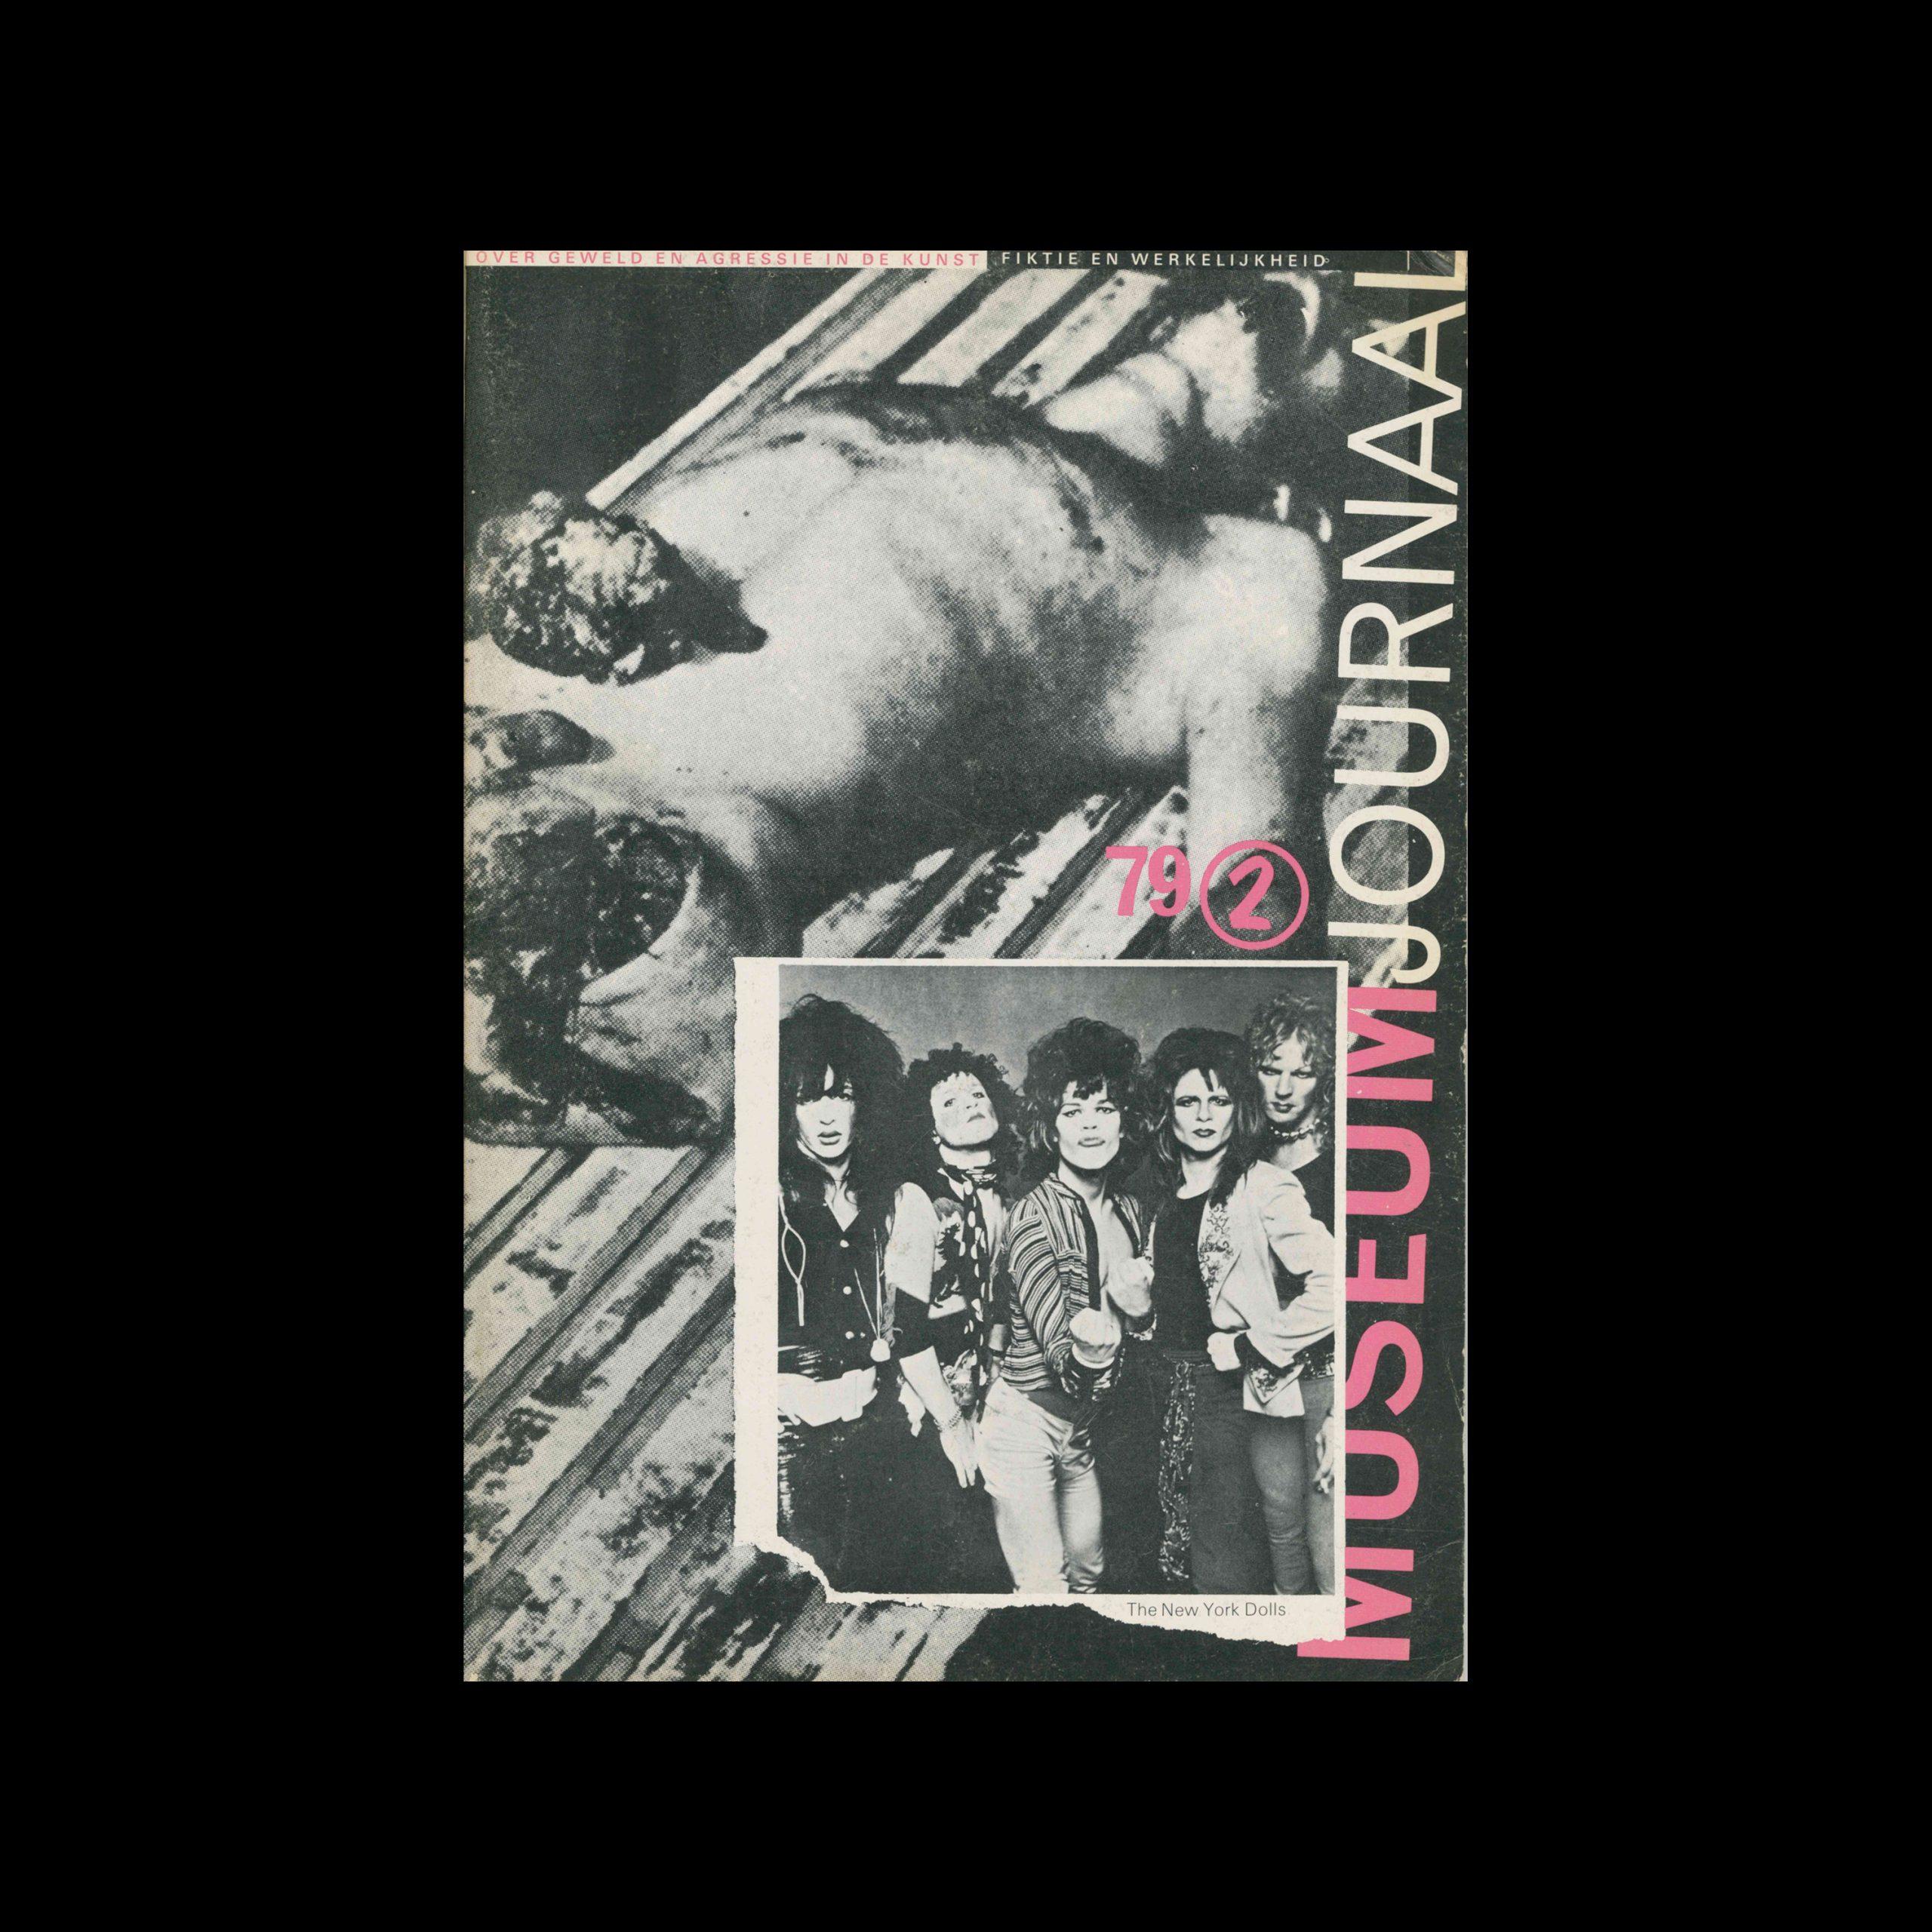 Museumjournaal, Serie 24 no2, 1979. Cover design by Jan van Toorn.